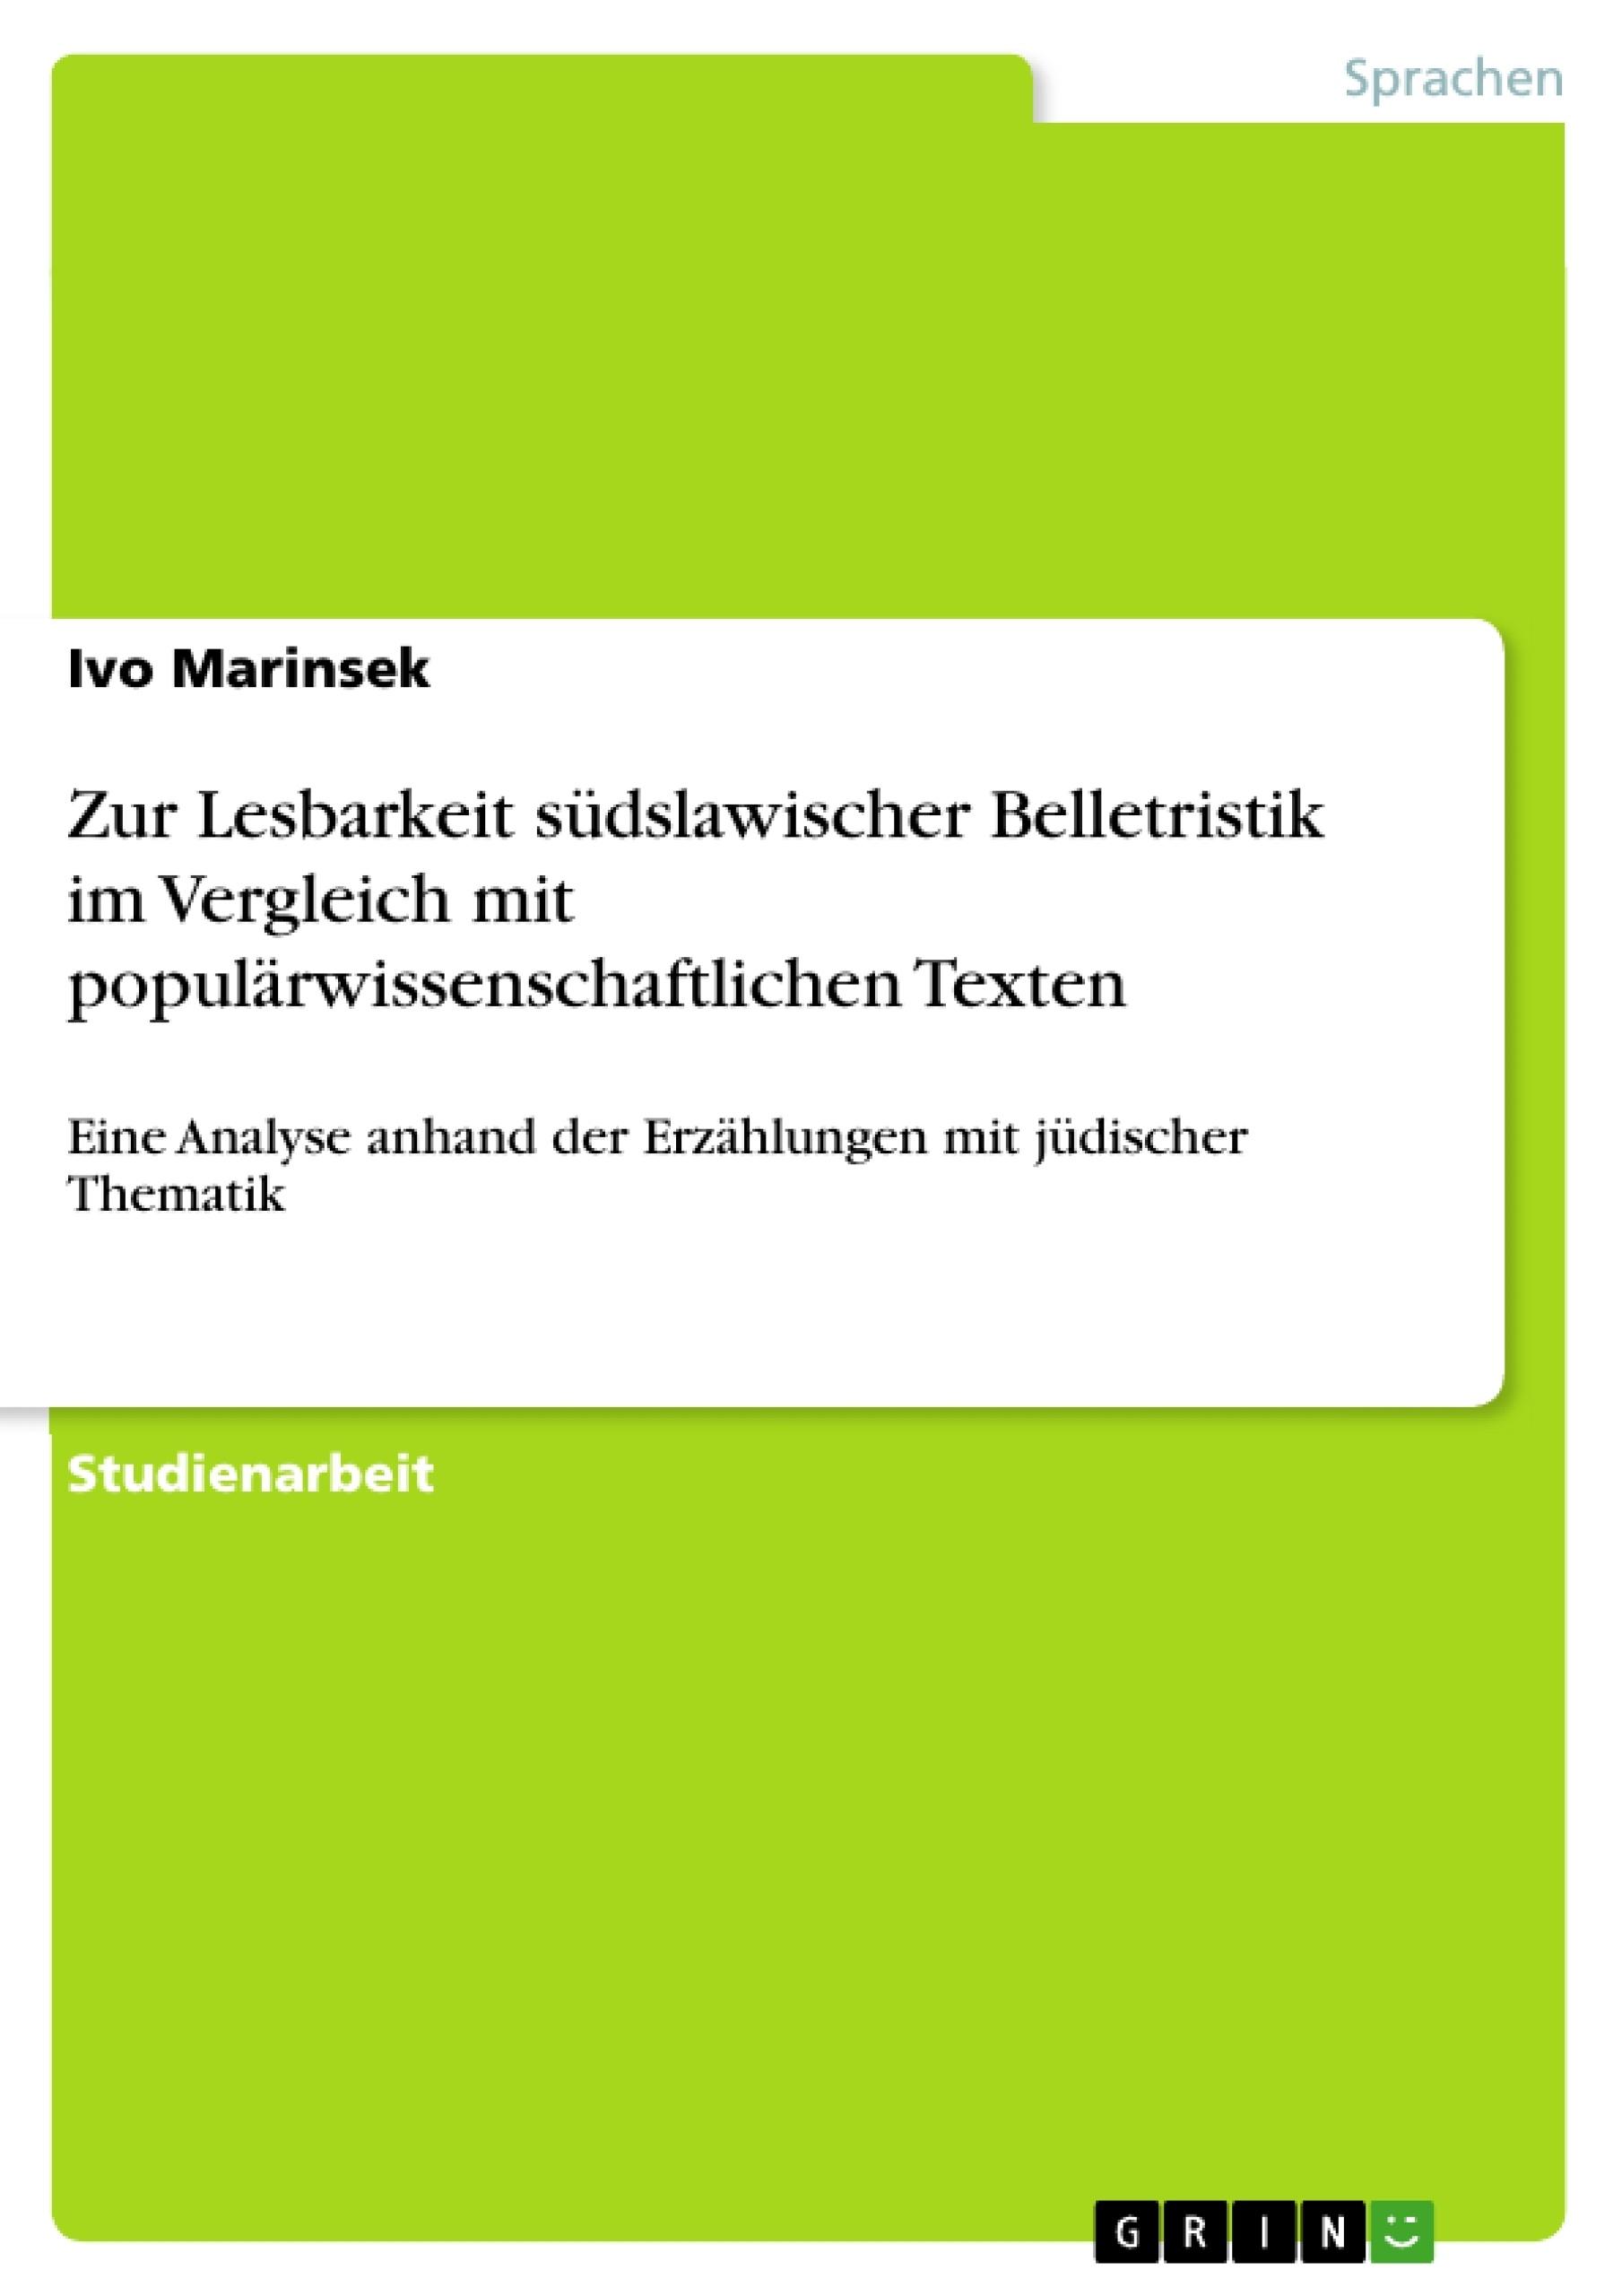 Titel: Zur Lesbarkeit südslawischer Belletristik im Vergleich mit populärwissenschaftlichen Texten